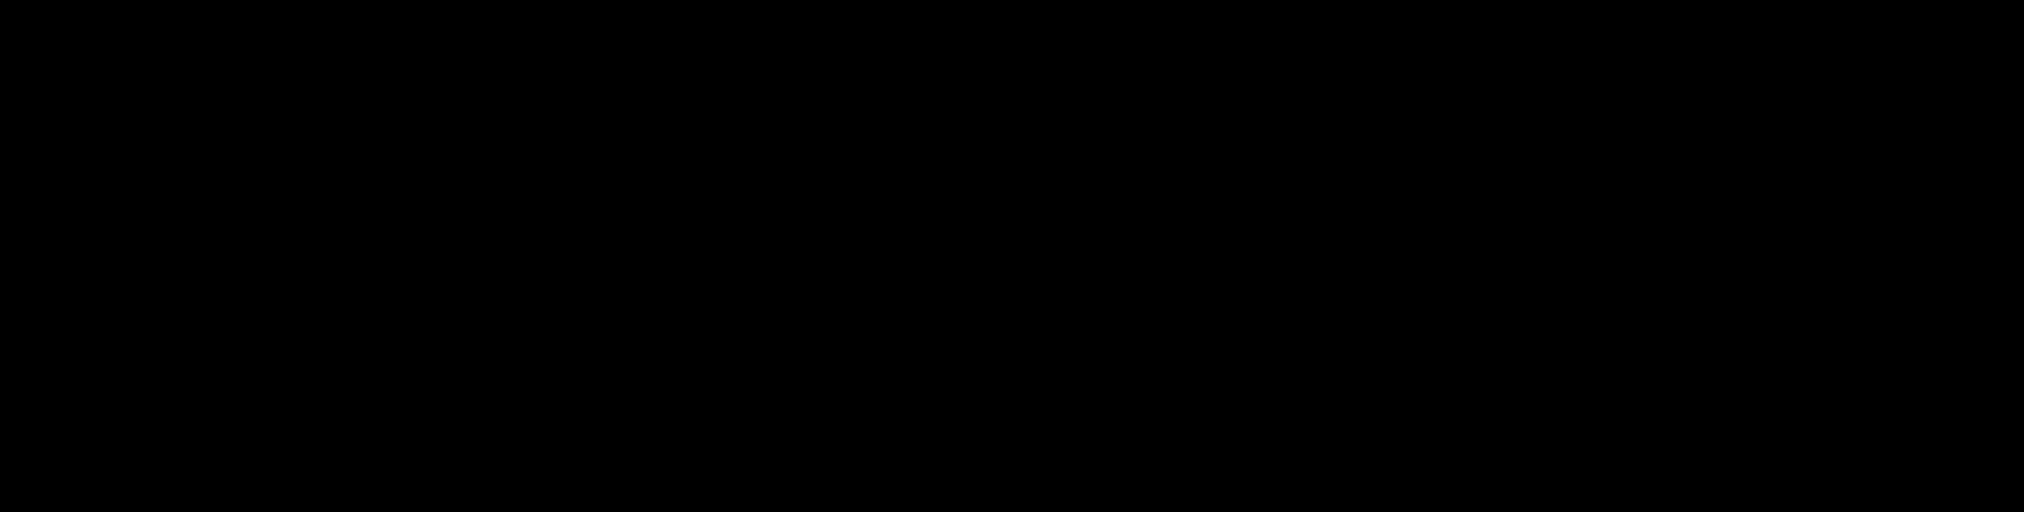 Hirsch-Logo der Haster Dorfmusik mit Schriftzug